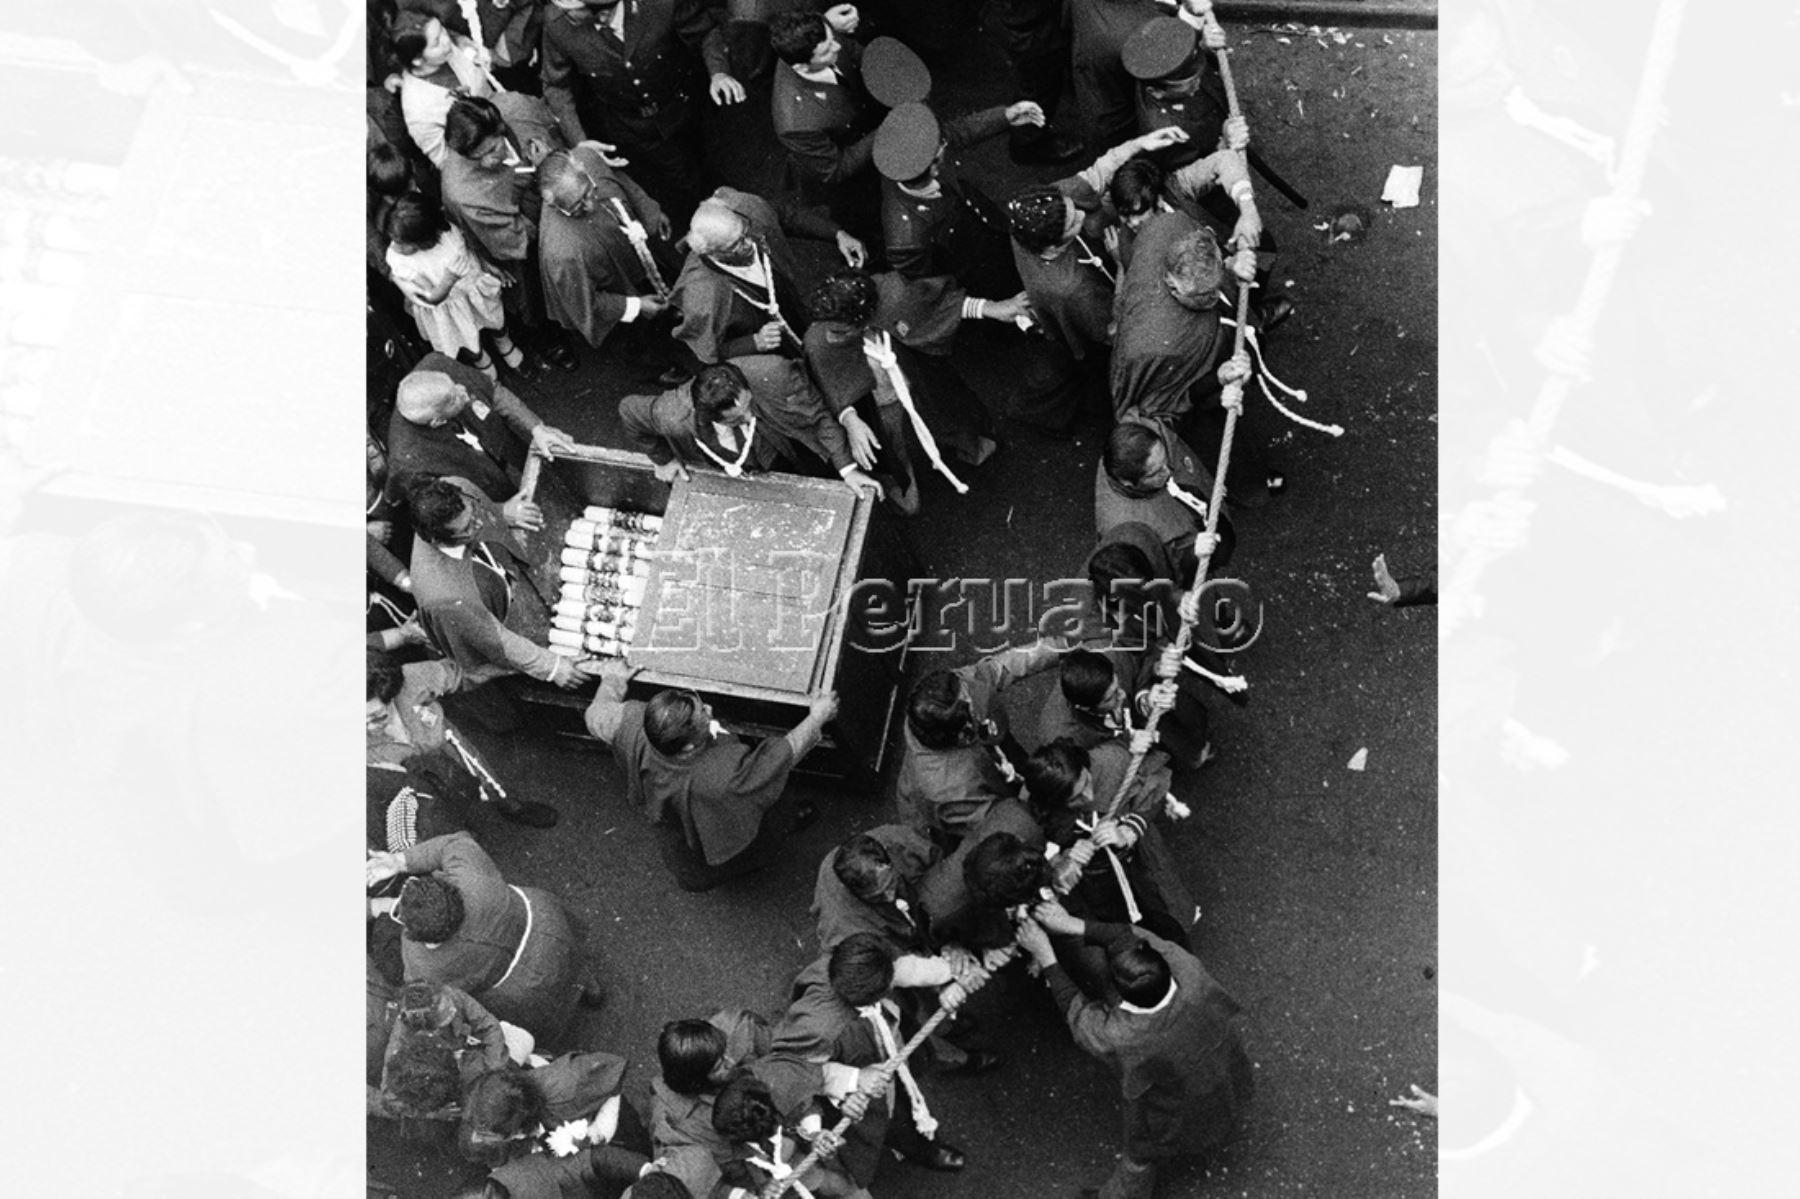 Lima - 18 octubre 1976 / Un grupo de hombres de la hermandad del Señor de los Milagros sujeta la cuerda de seguridad de la sagrada imagen en procesión. Foto: Archivo Histórico e EL PERUANO / Rolando Ángeles